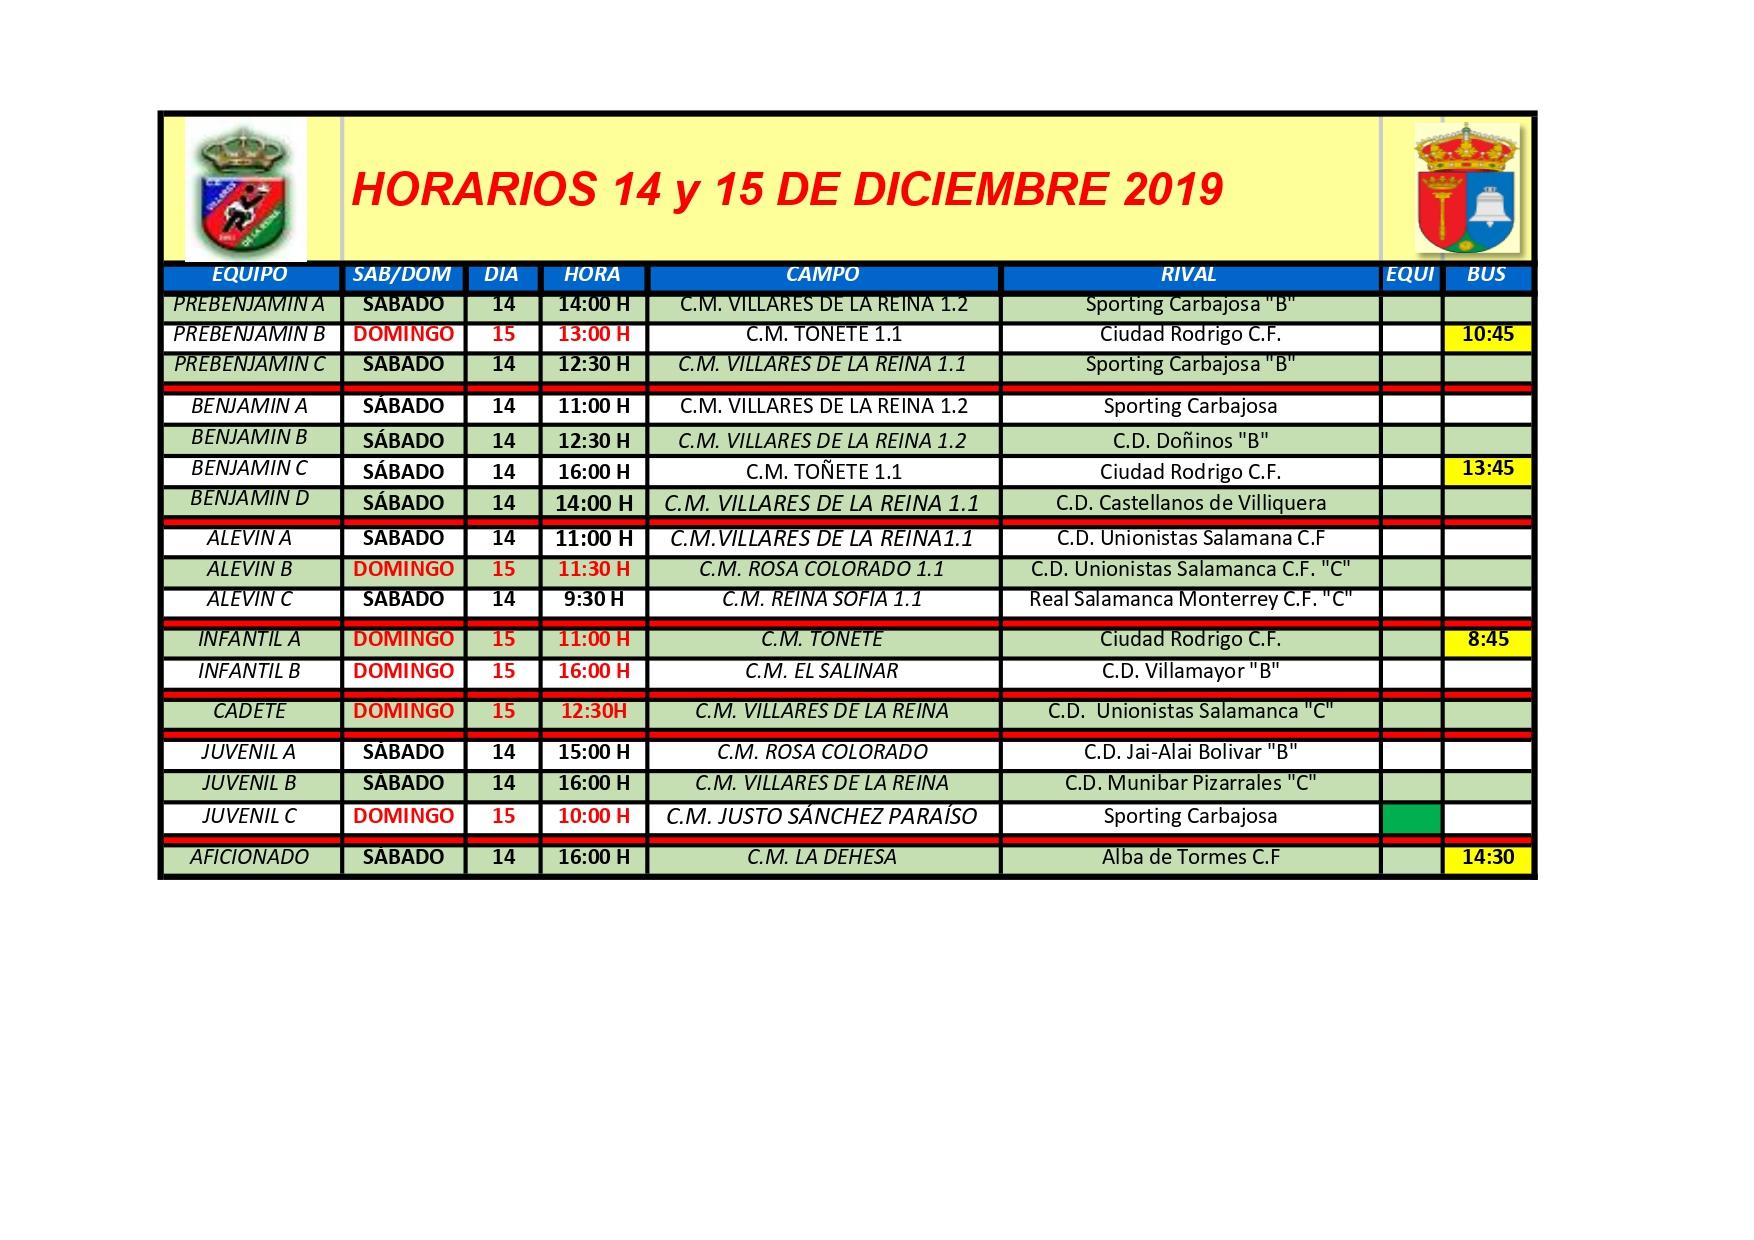 HORARIOS SÁBADO 14 Y DOMINGO 15 DE DICIEMBRE